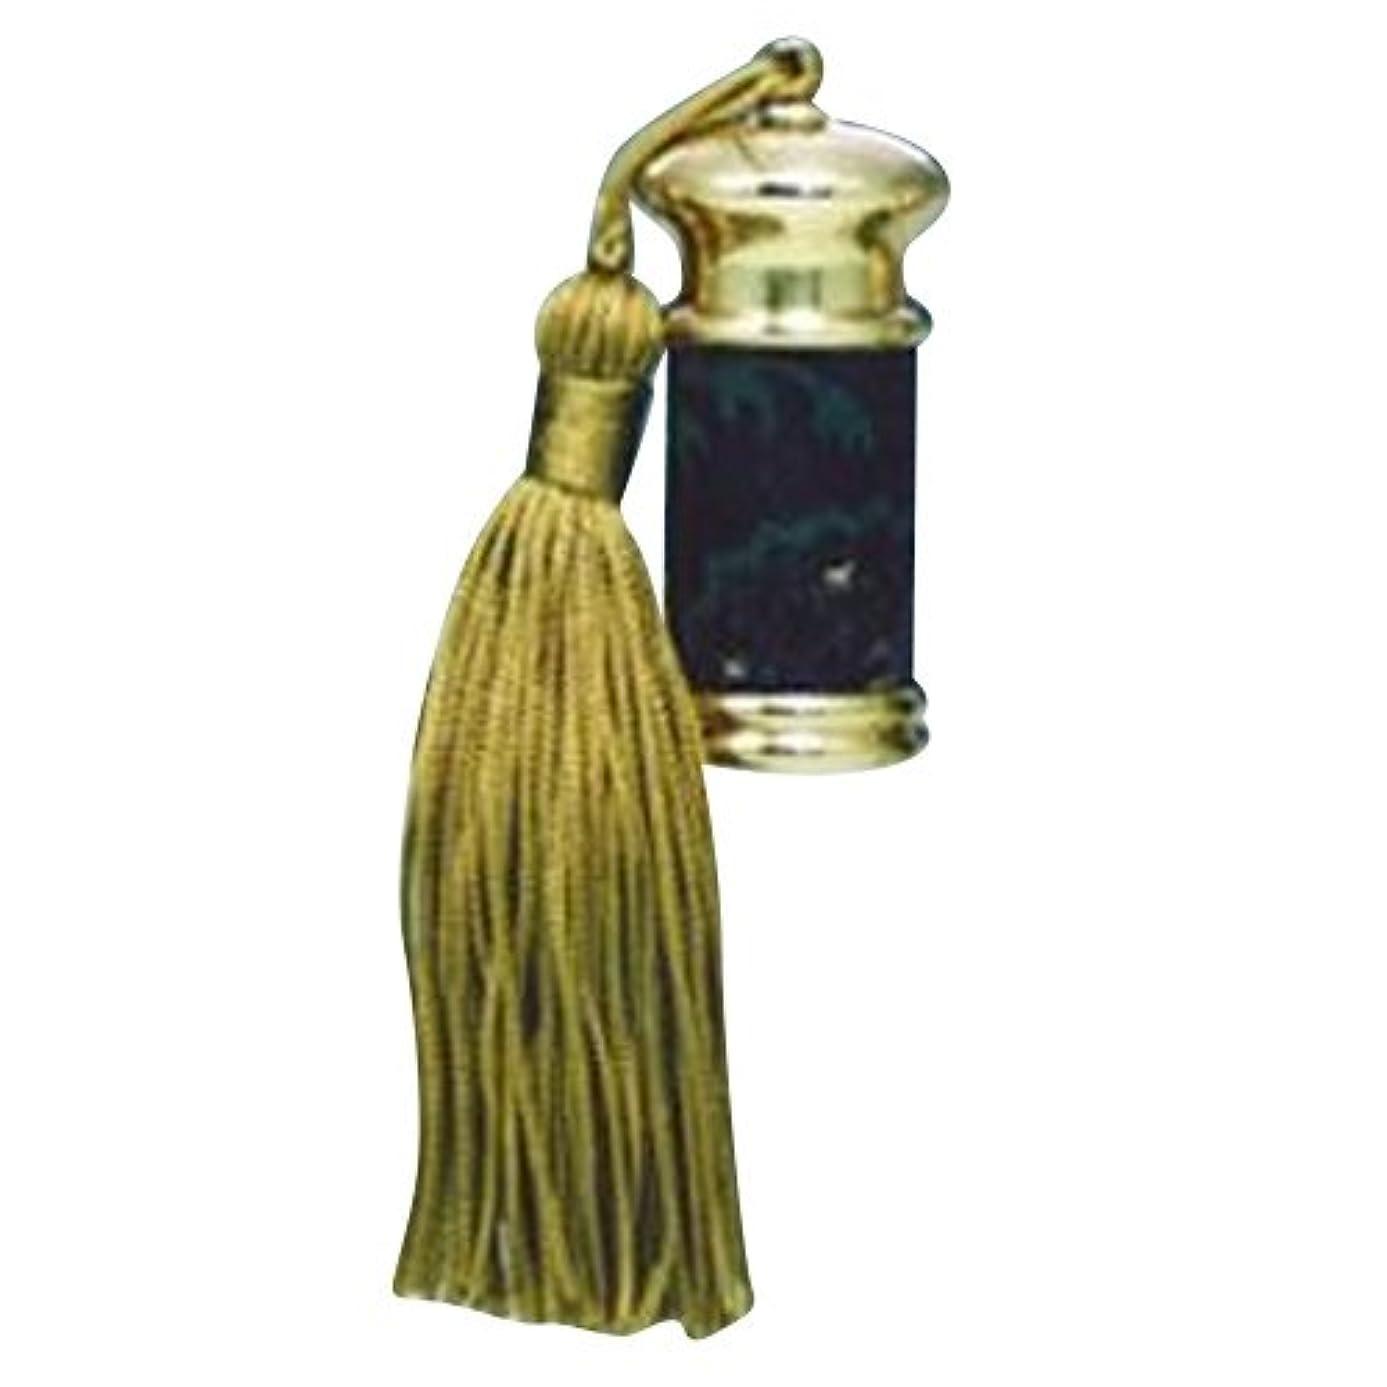 詩人過敏なインデックスヒロセアトマイザー エスニック レザー ボトル (真鍮 革巻き) 23012 BK (ブラック)